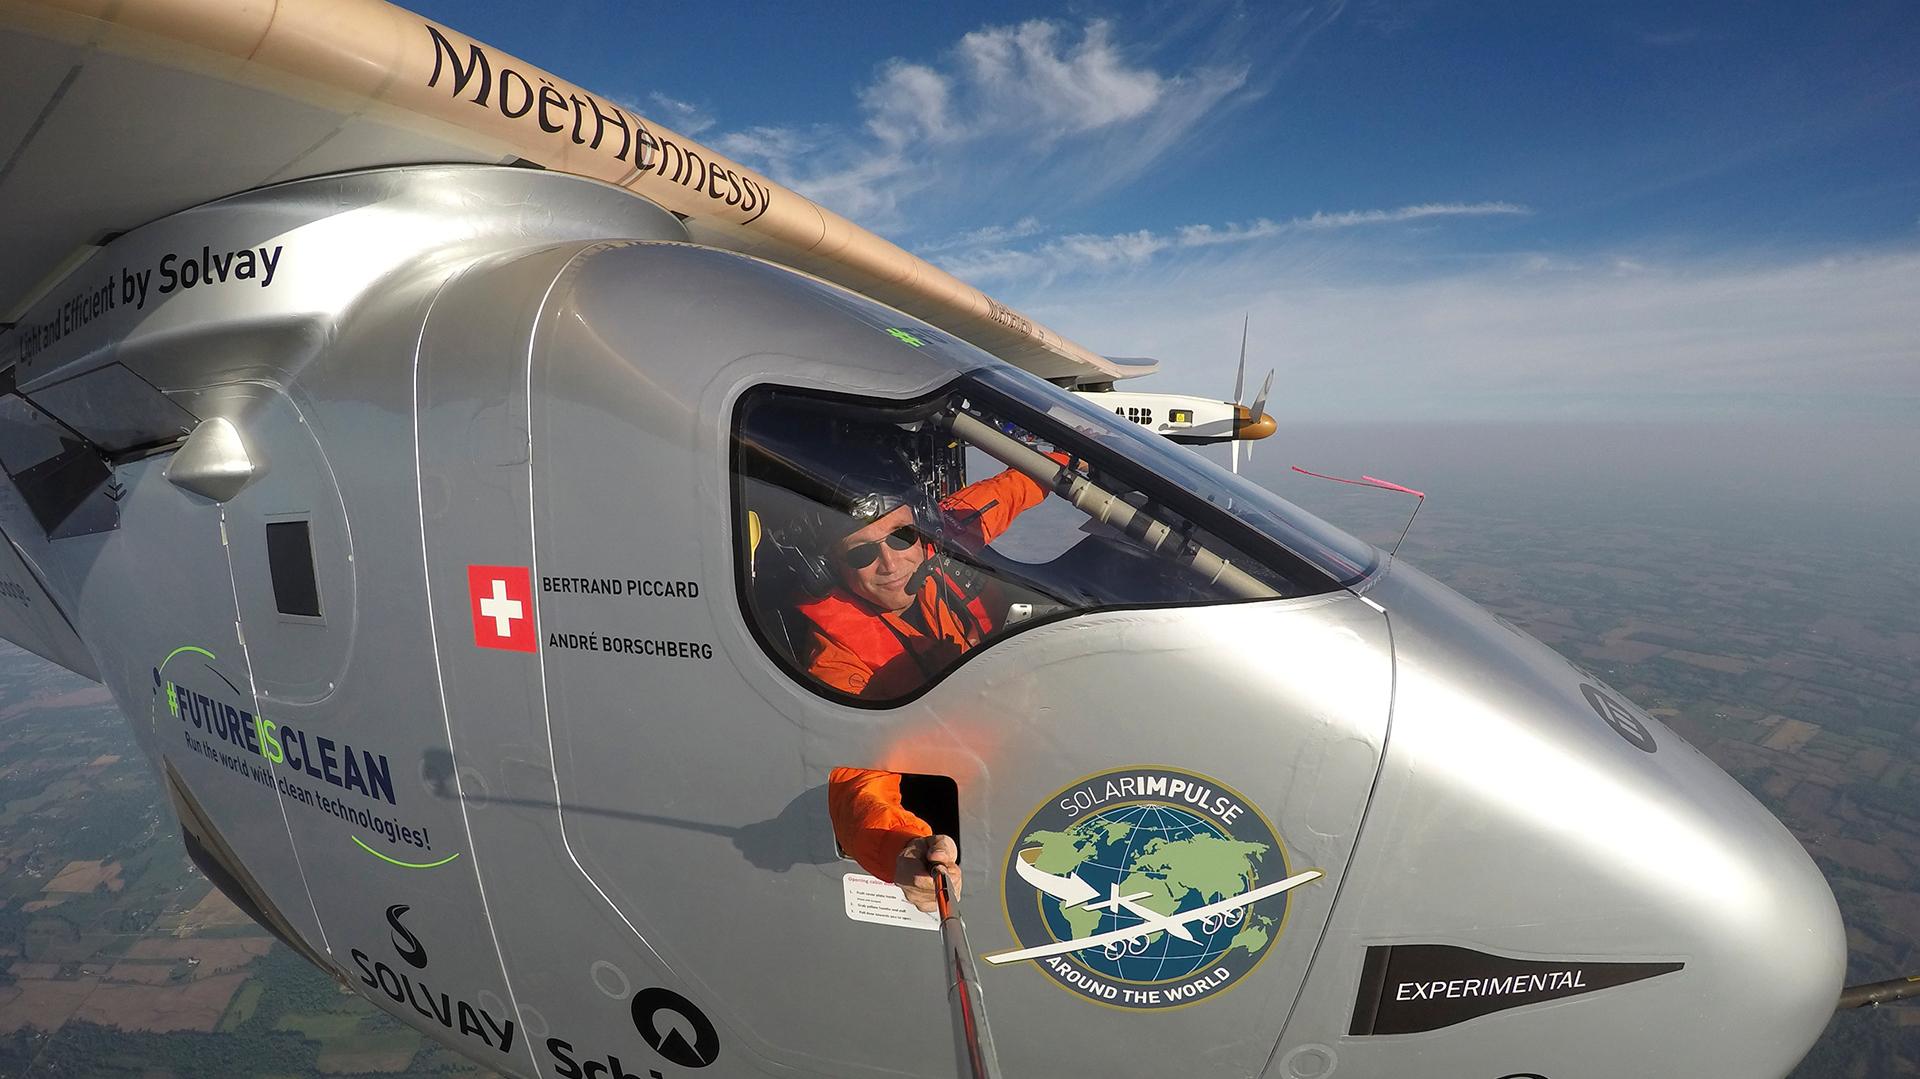 """Piccard ha señalado que su viaje desde el Nuevo al Viejo Mundo no ha sido solo geográfico sino, también, simbólico, porque ha traído a Europa """"el nuevo mundo de las tecnologías limpias y del respeto a la naturaleza"""", del que se ha proclamado """"embajador"""""""